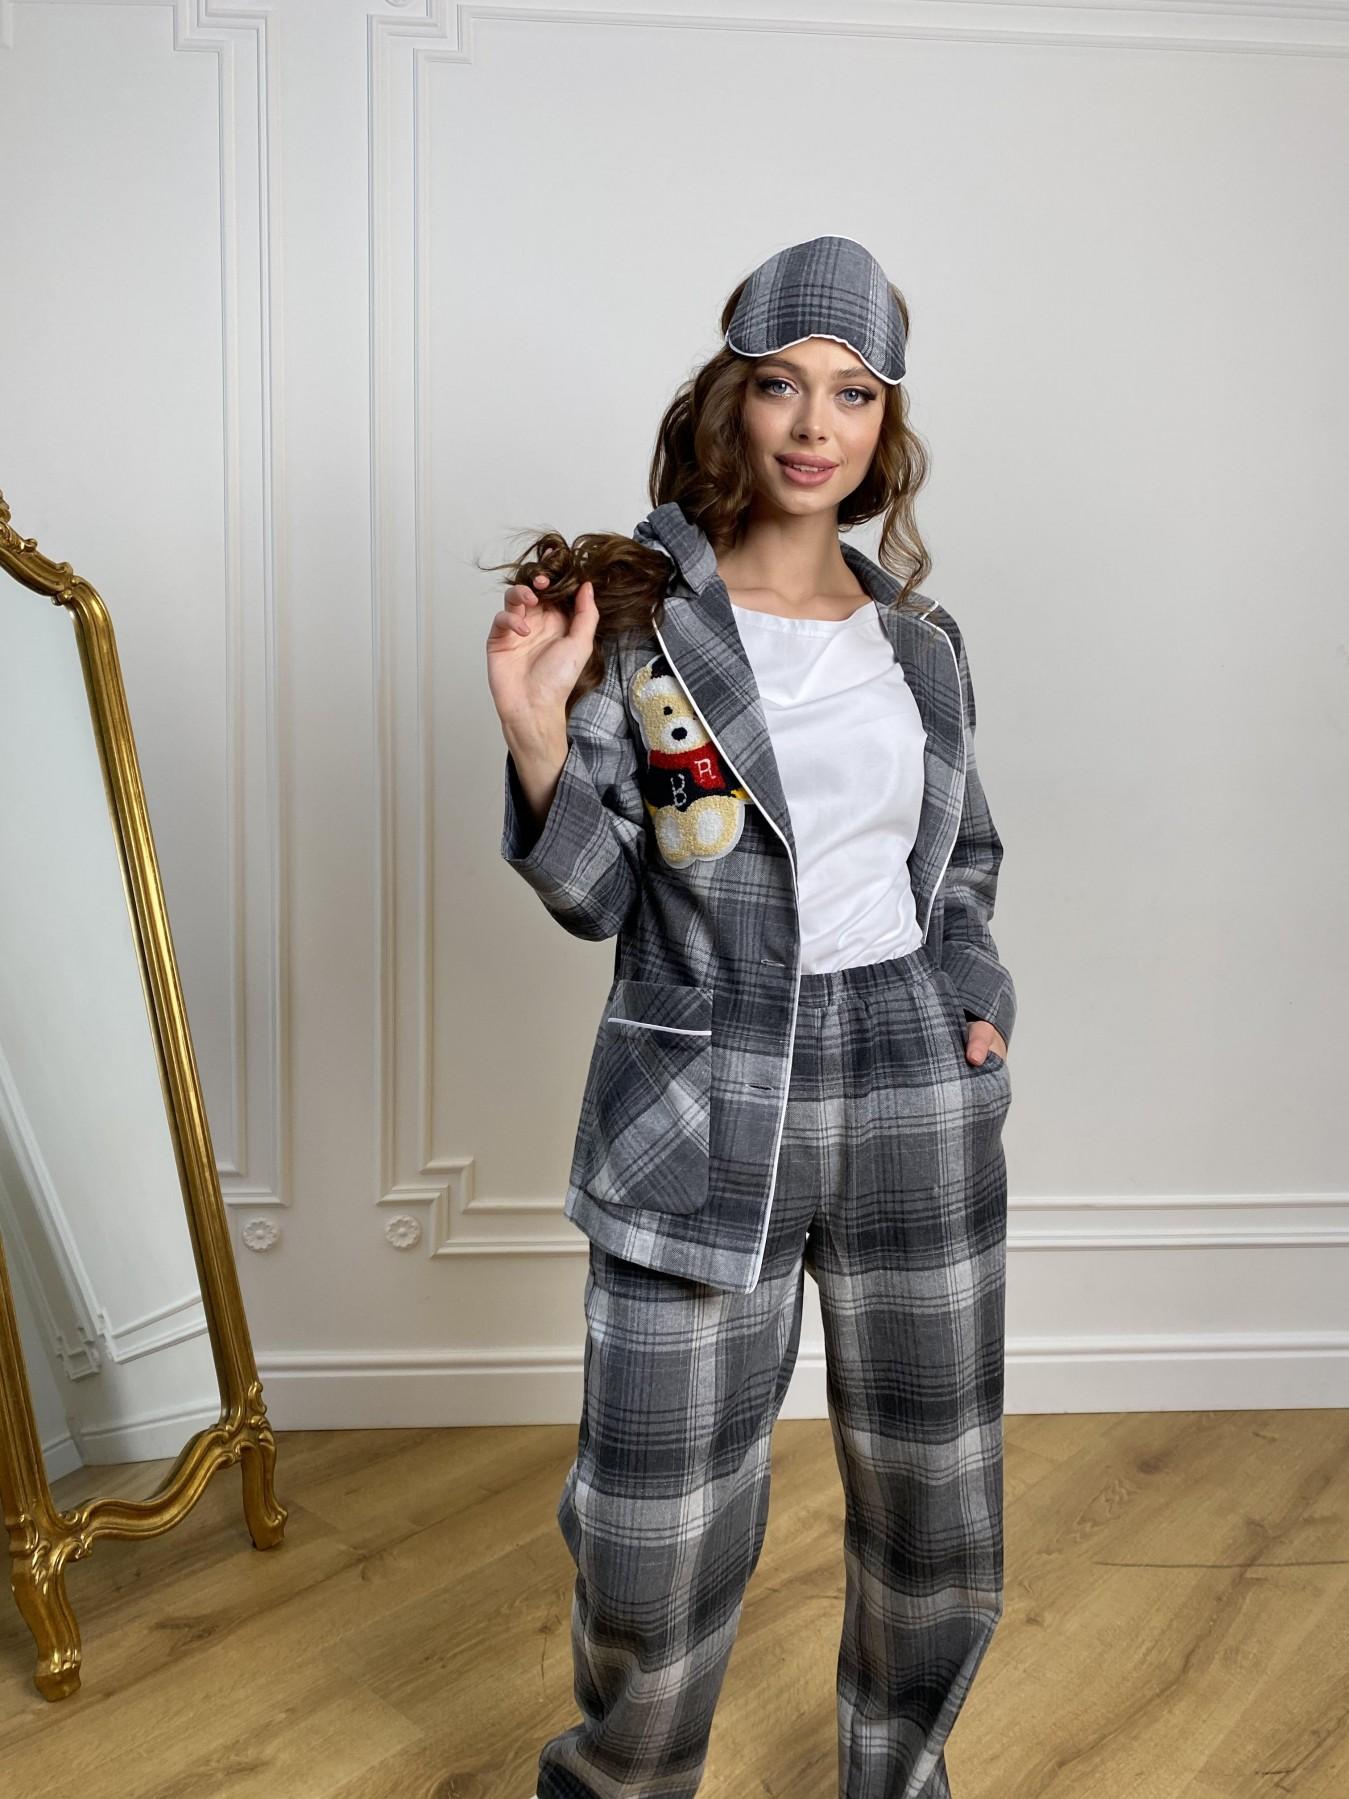 Тедди пижама в клетку из коттона(жакет,футболка,брюки,маска,резинка) 10384 АРТ. 46910 Цвет: Т.серый/серый - фото 1, интернет магазин tm-modus.ru